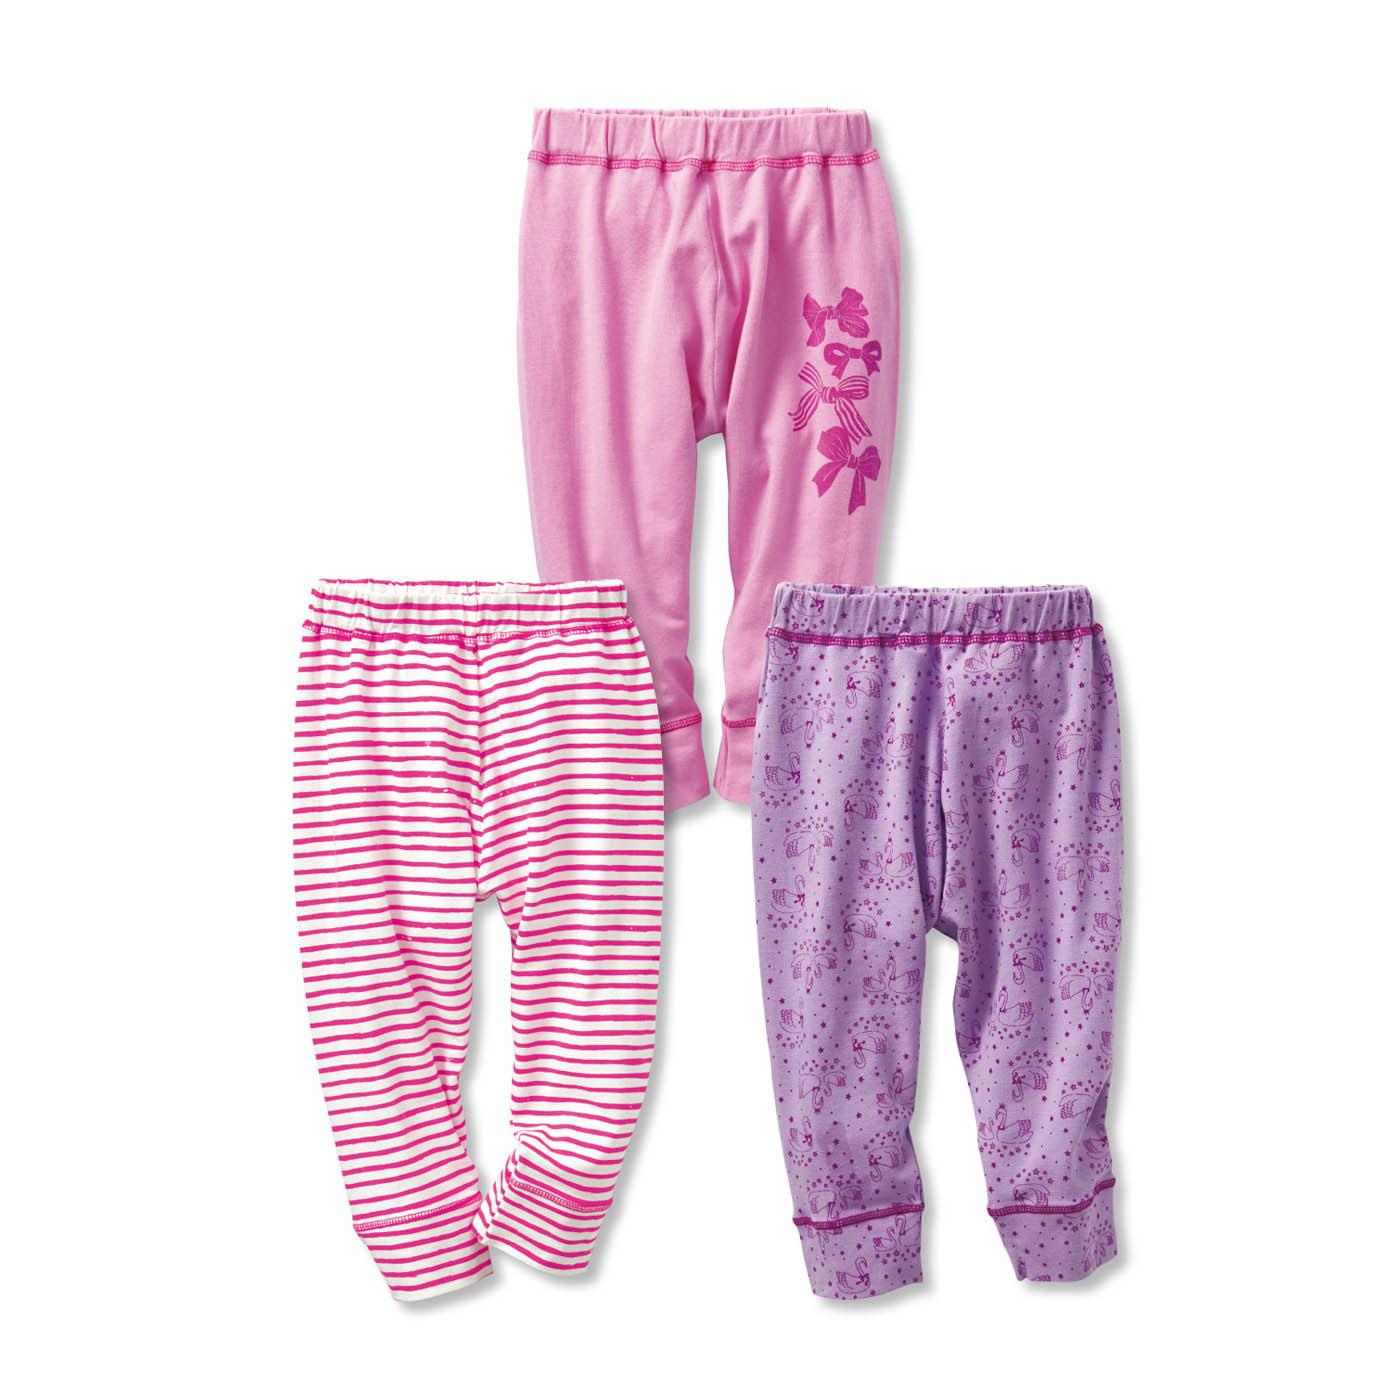 毎日着たくなる のびのび七分丈パンツ3枚セット〈ガールズ〉〈ピンク×ホワイト×パープル〉